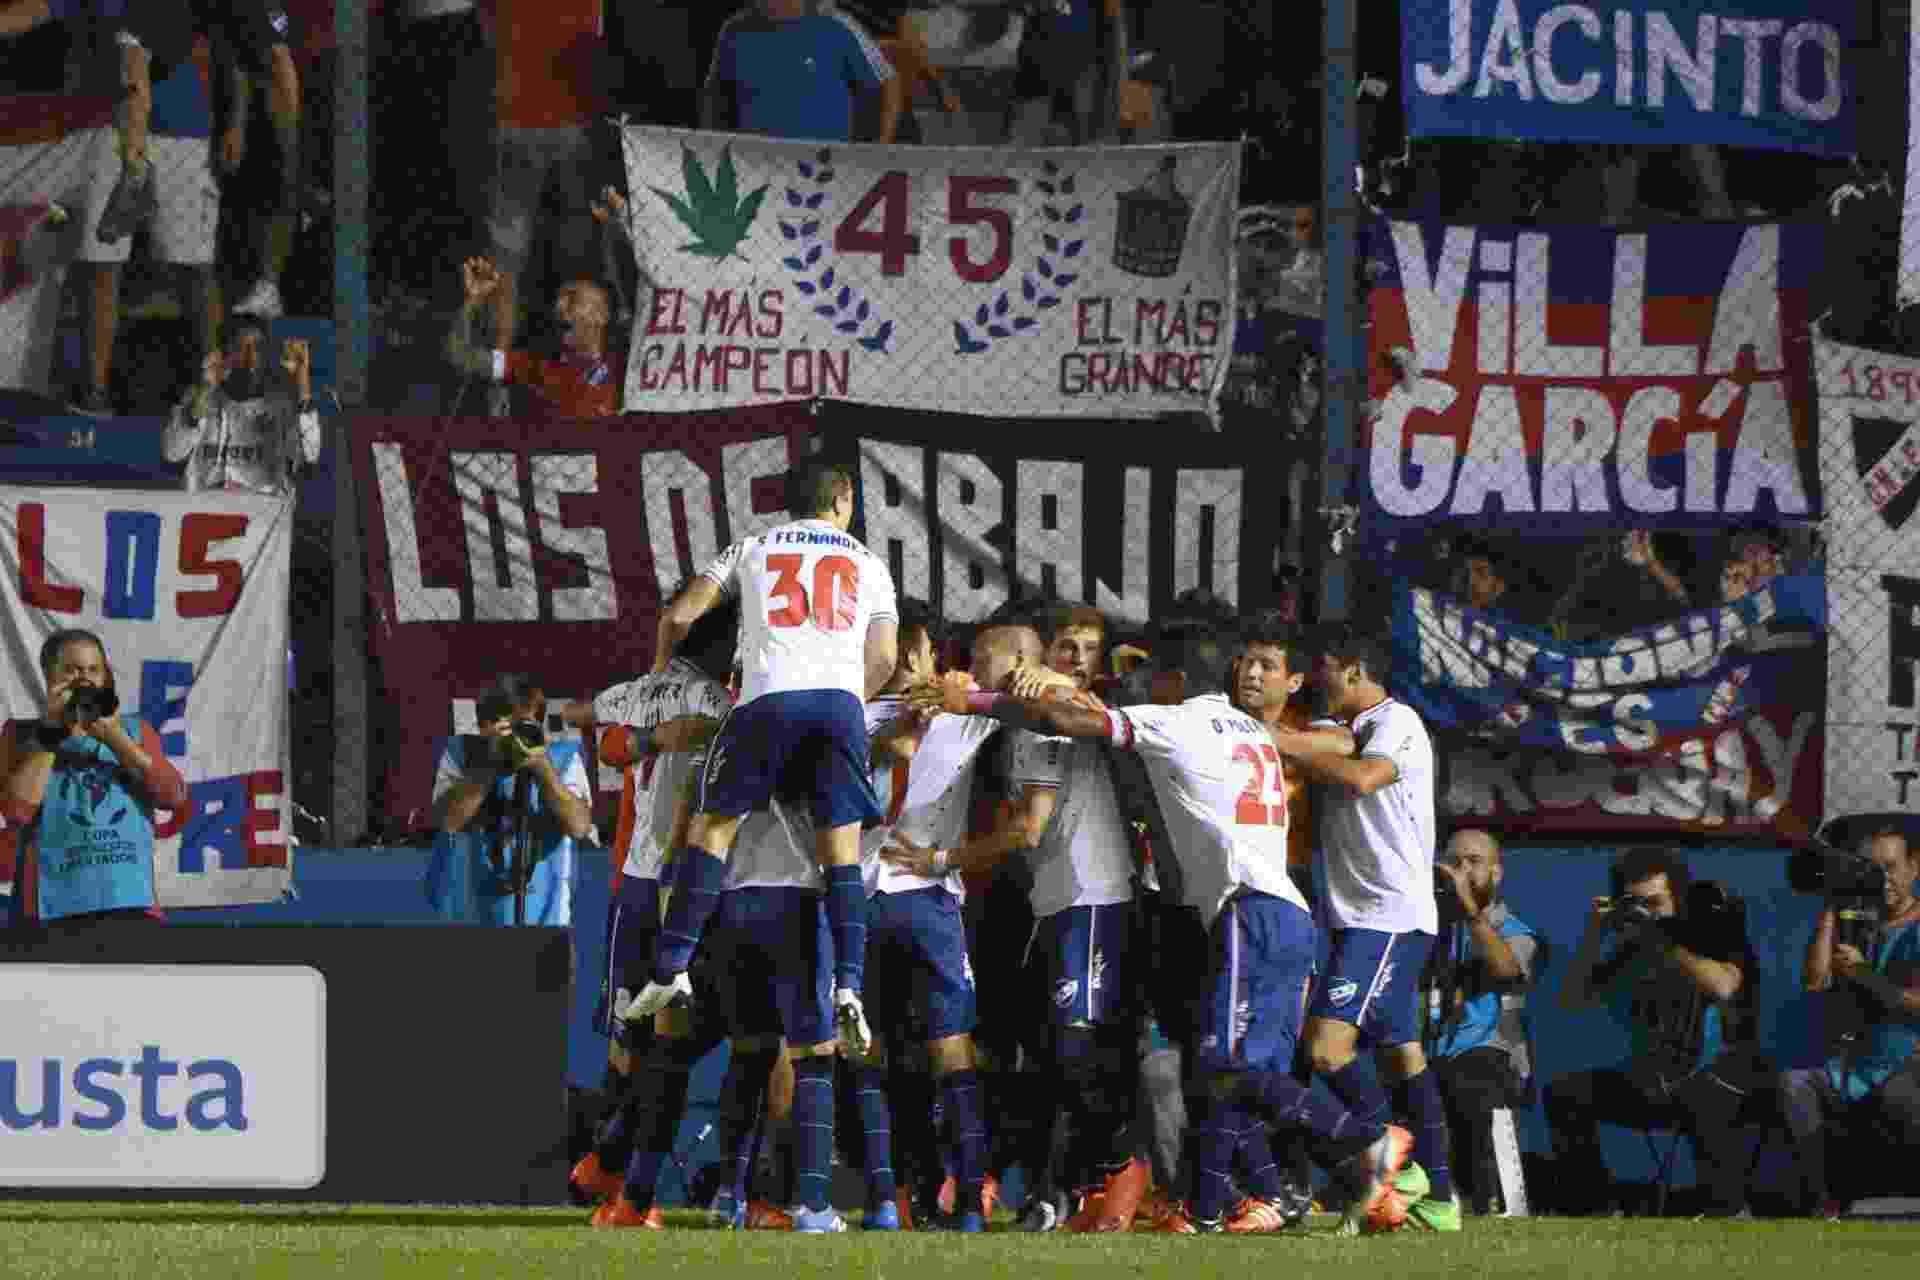 Jogadores do Nacional-URU comemoram gol marcado contra o Palmeiras, pela Libertadores - PABLO PORCIUNCULA/AFP